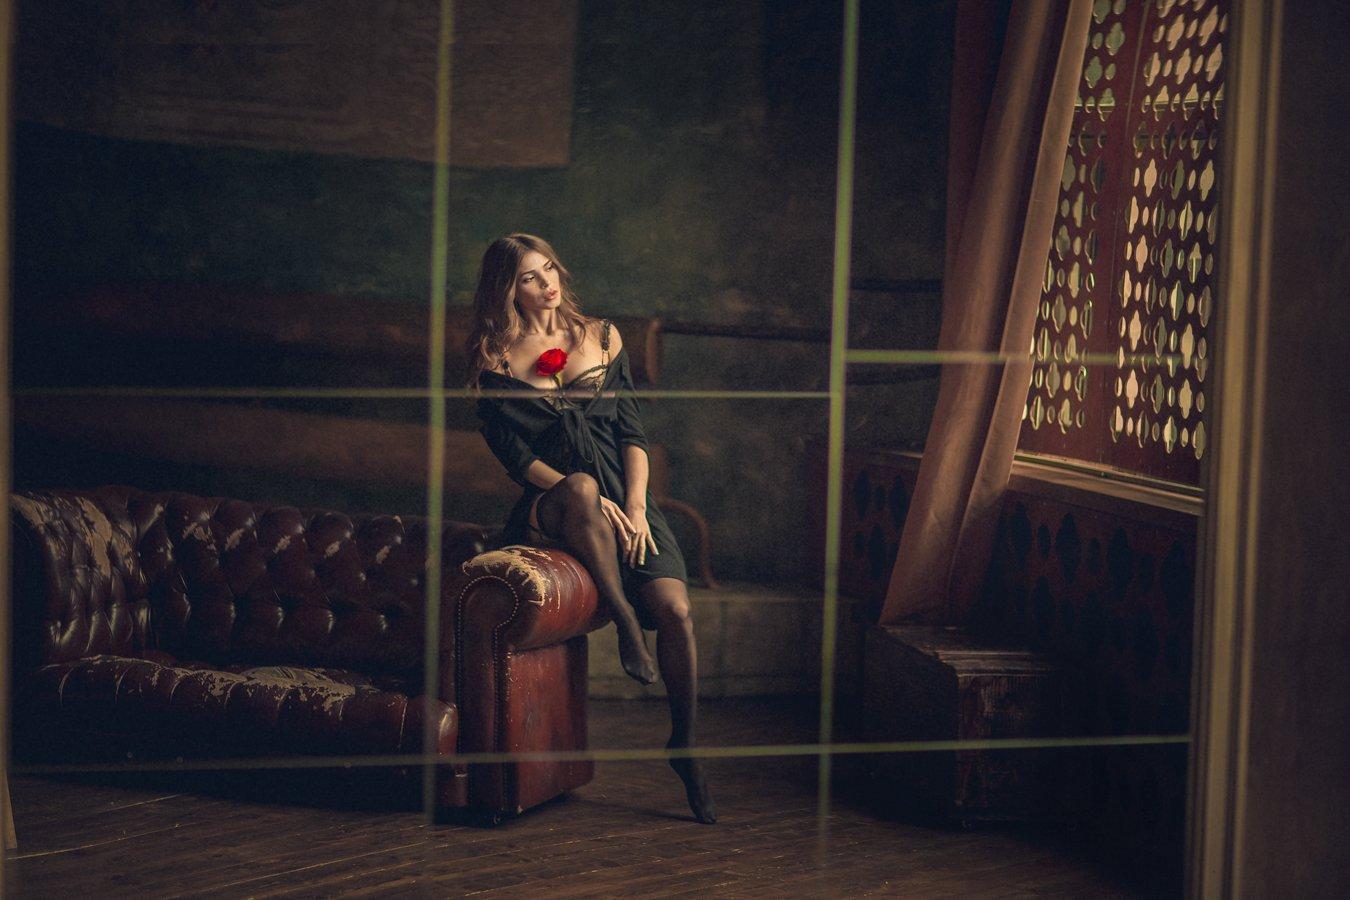 зеркало, искажения, преломления, модель, роза, отражения, mirror, reflections, Tatyana Forever